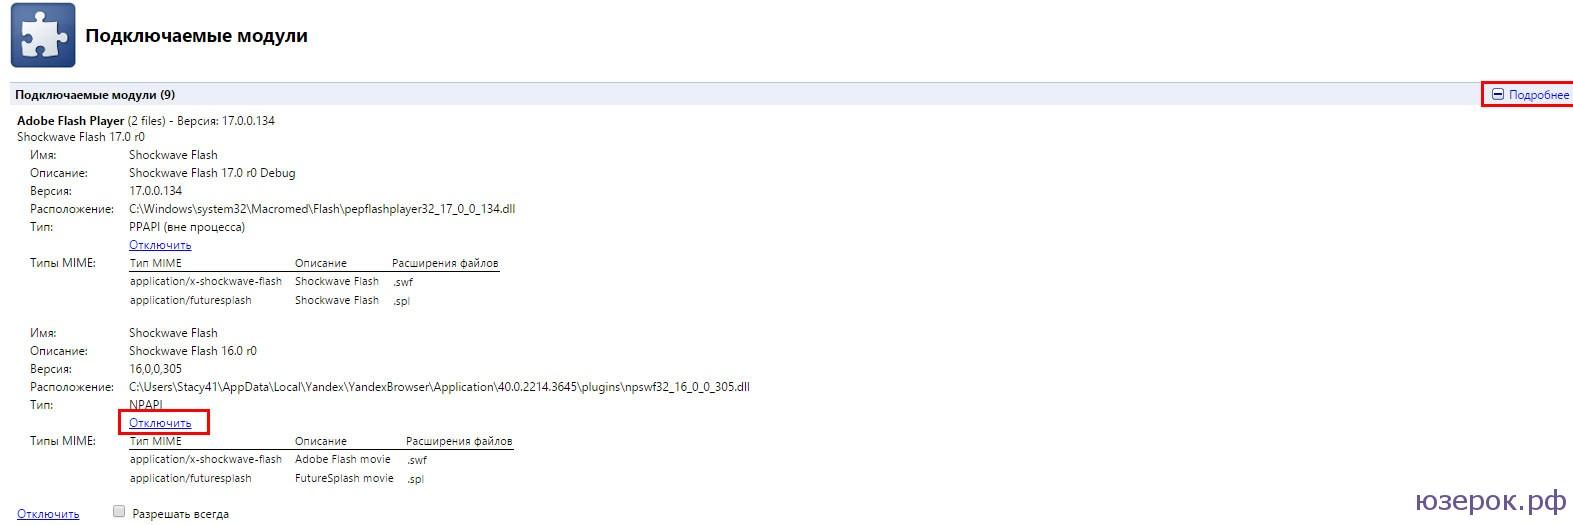 Нет плагина shockwave flash в тор браузере hydraruzxpnew4af не показывает видео в tor browser гирда